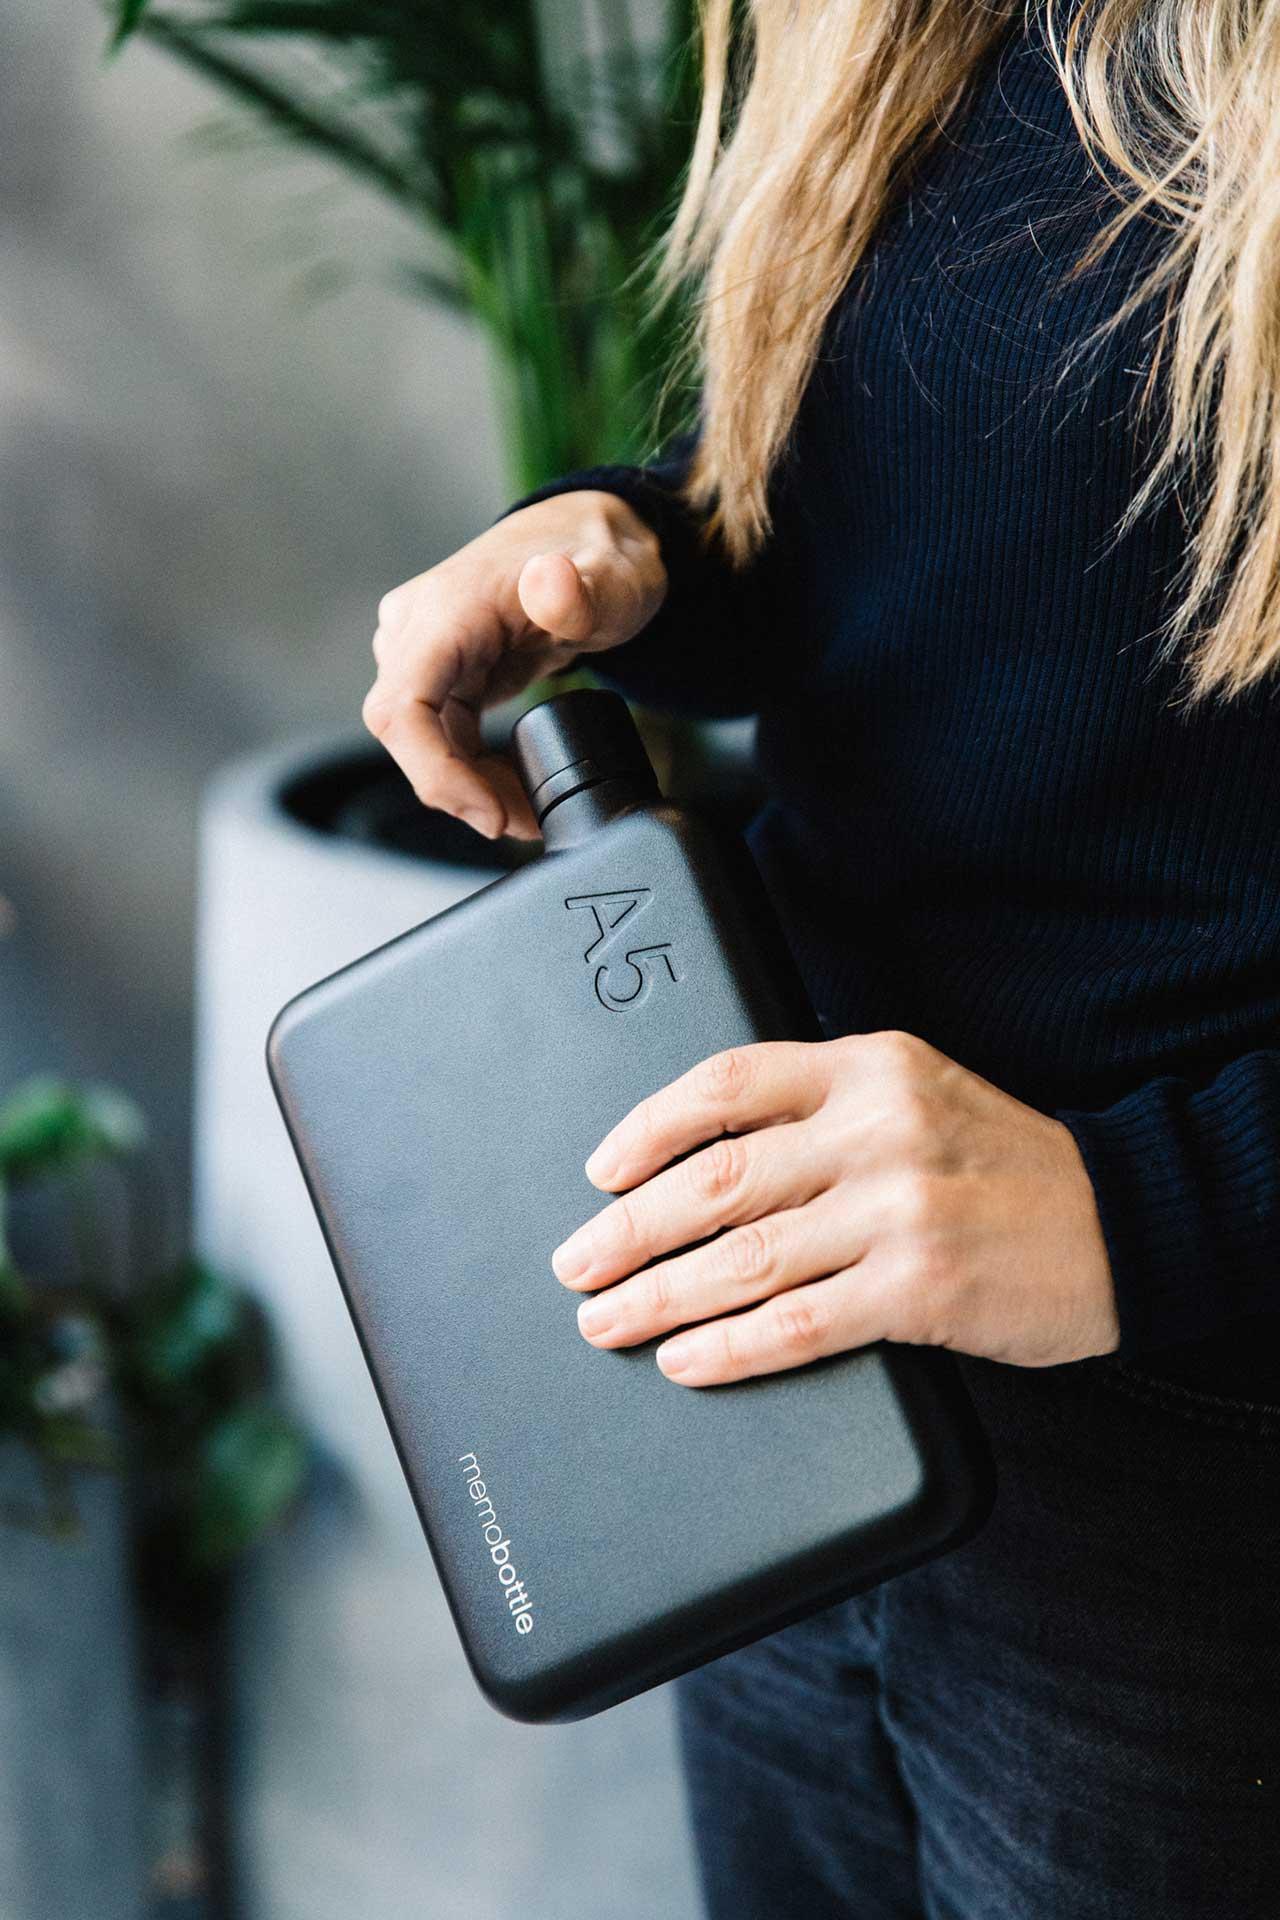 hands holding an A5 flat black water bottle